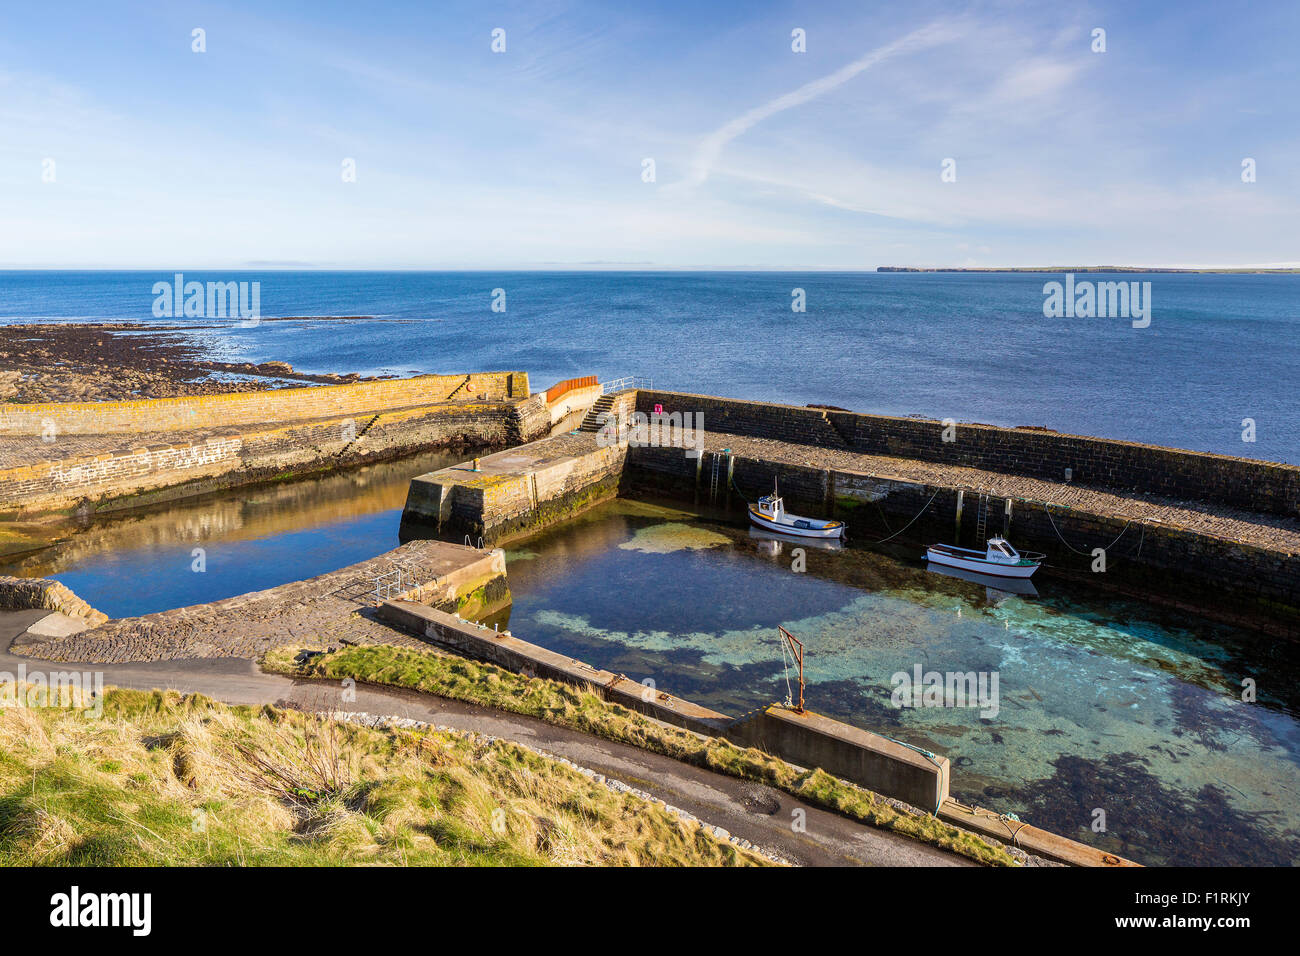 Keiss, Caithness, Highland, Scotland, United Kingdom, Europe. - Stock Image